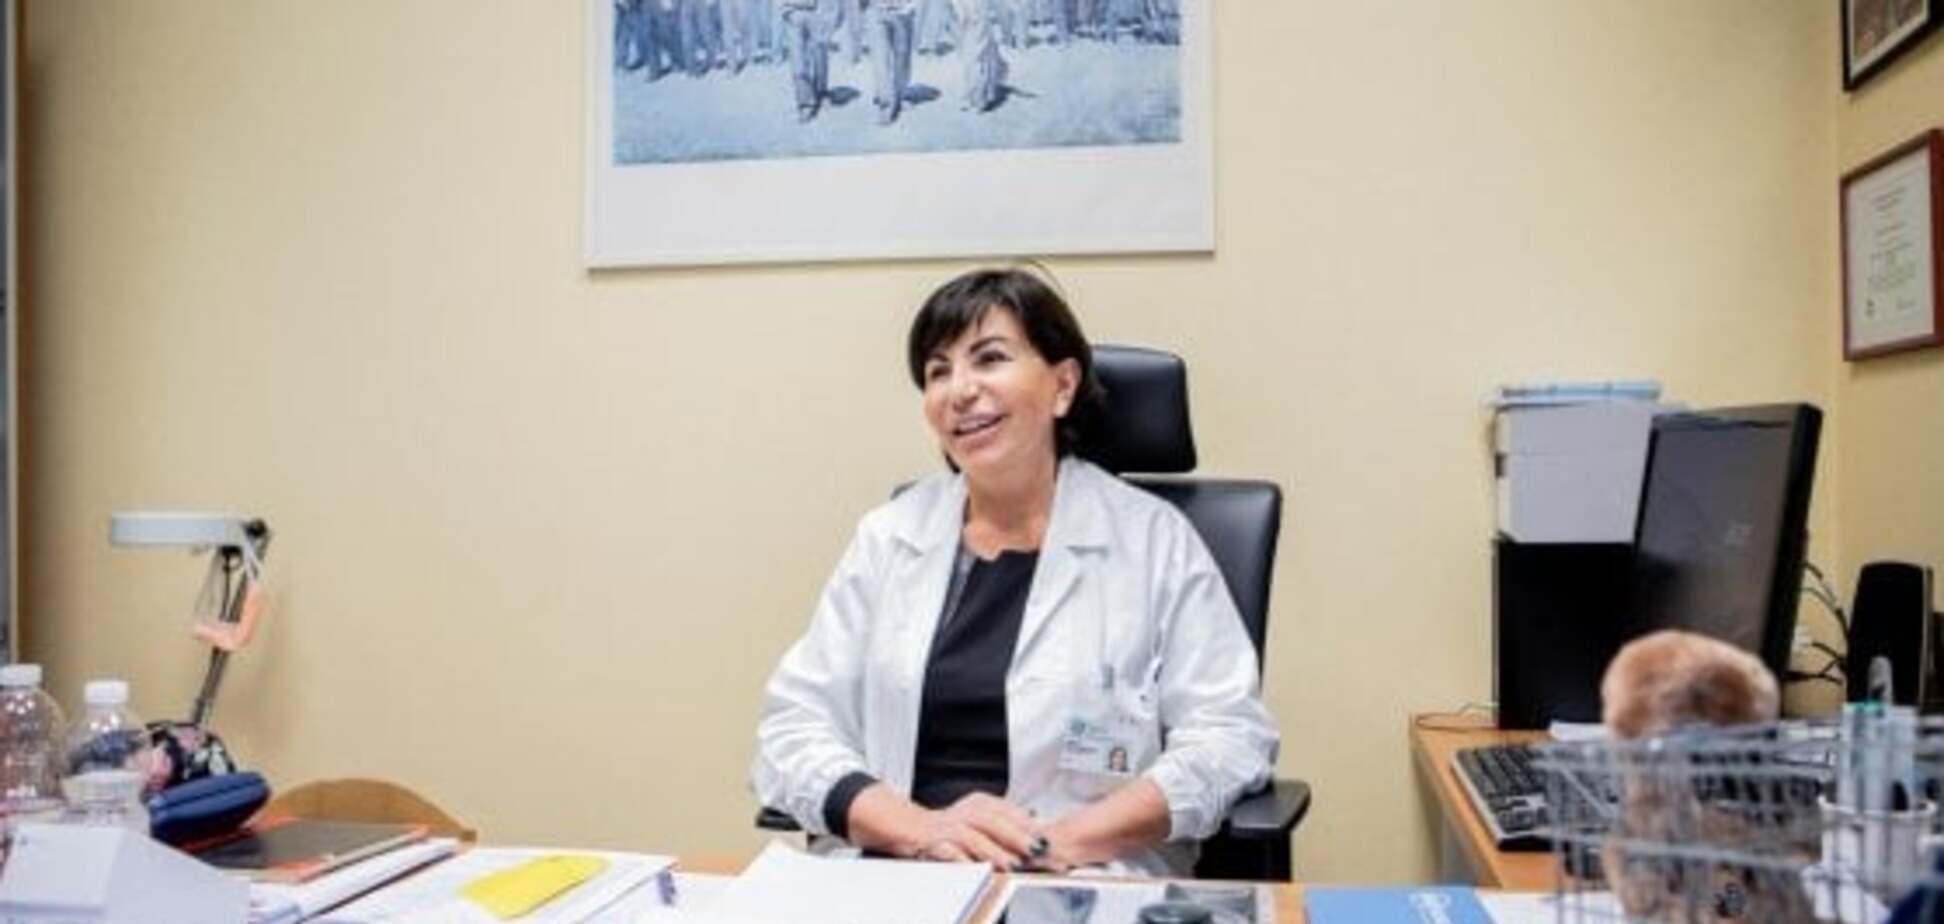 Мікробіологиня з Італії розповіла, коли в країні зникне коронавірус